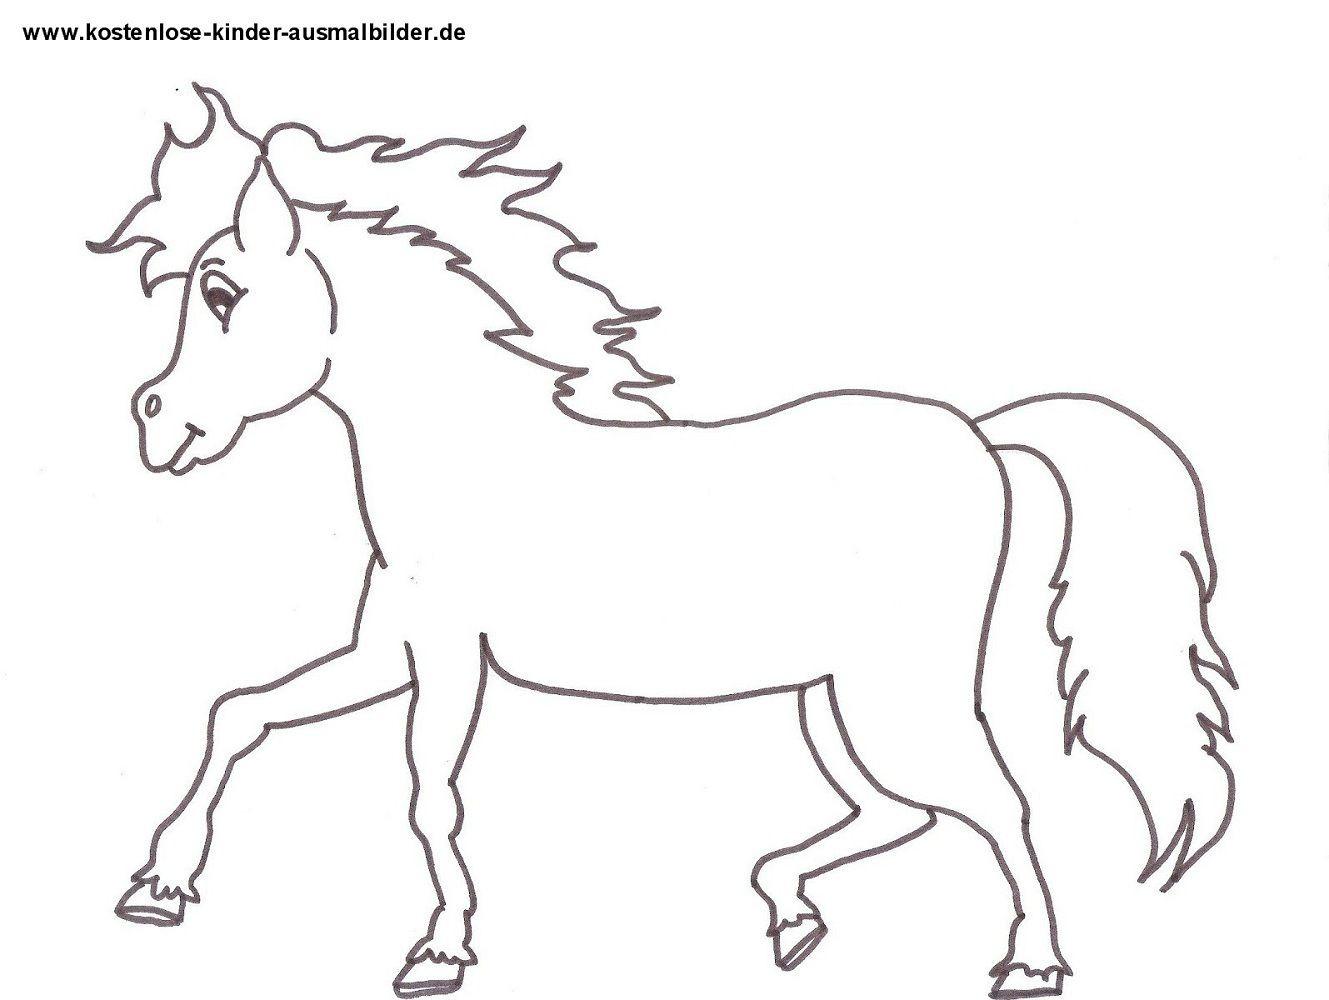 Pferde Ausmalbilder  Ausmalbilder Pferde Gratis Ausmalbilder Pferde Kostenlos